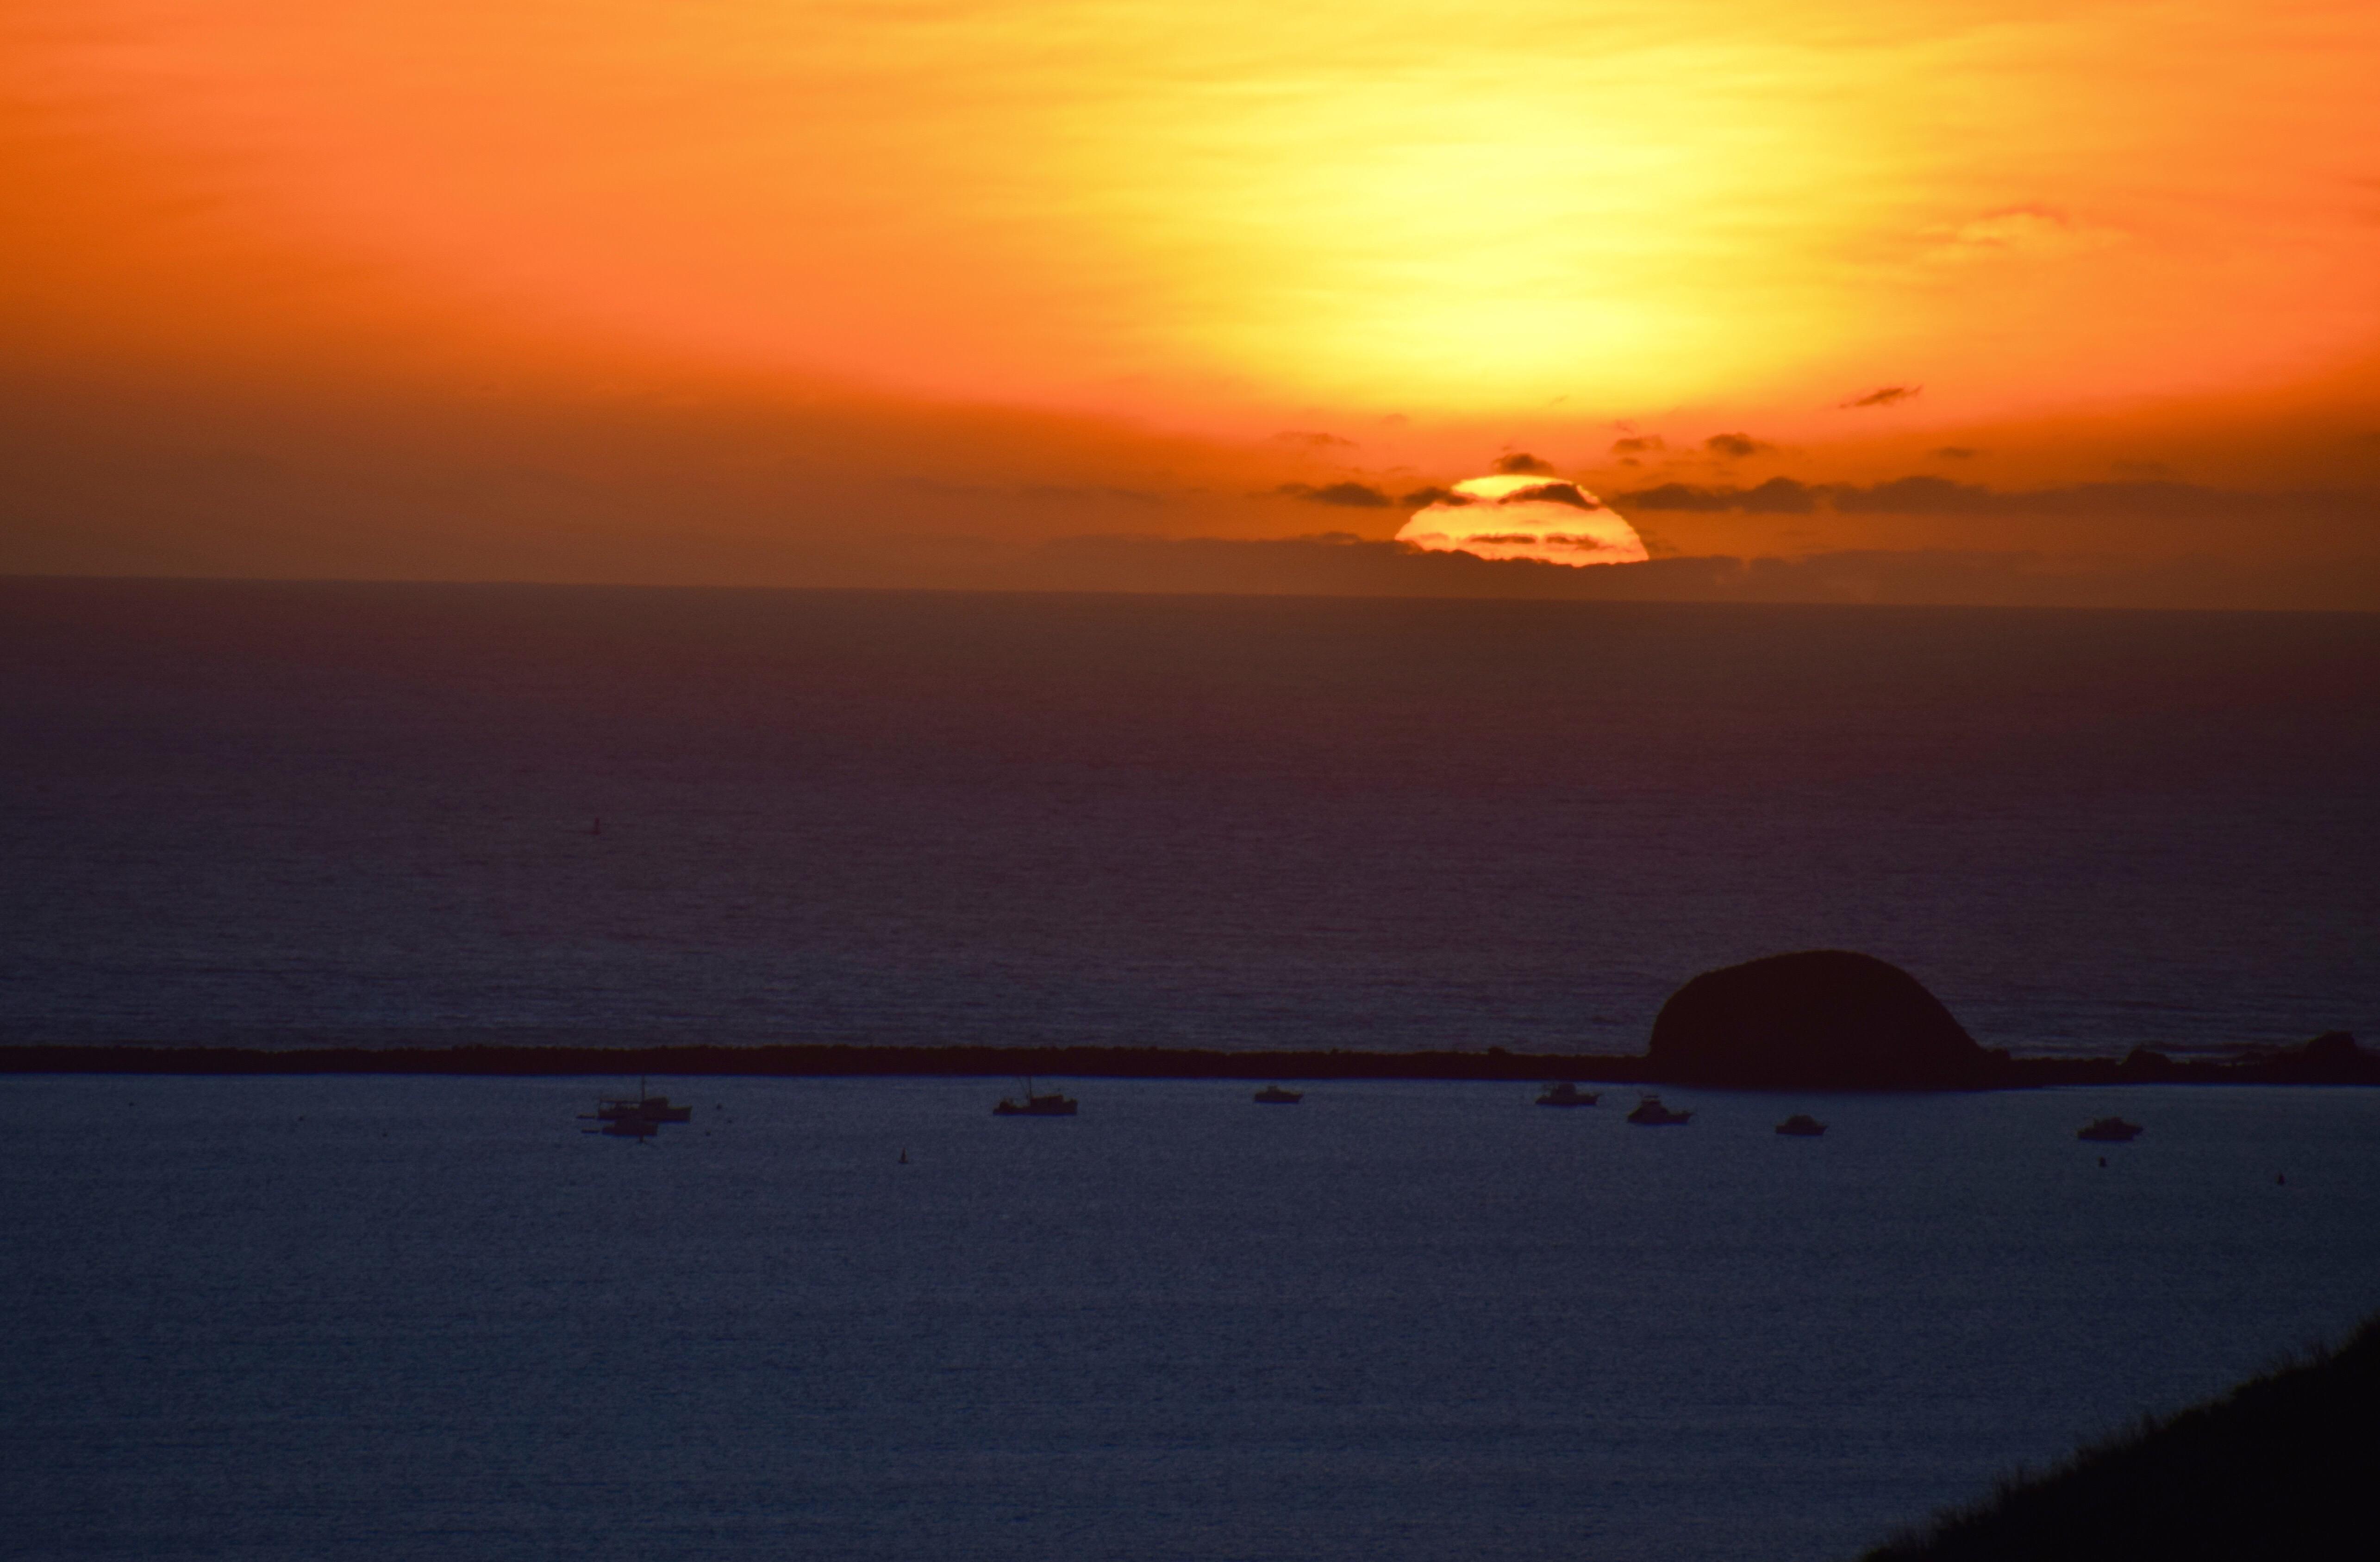 sunset in Avila Beach